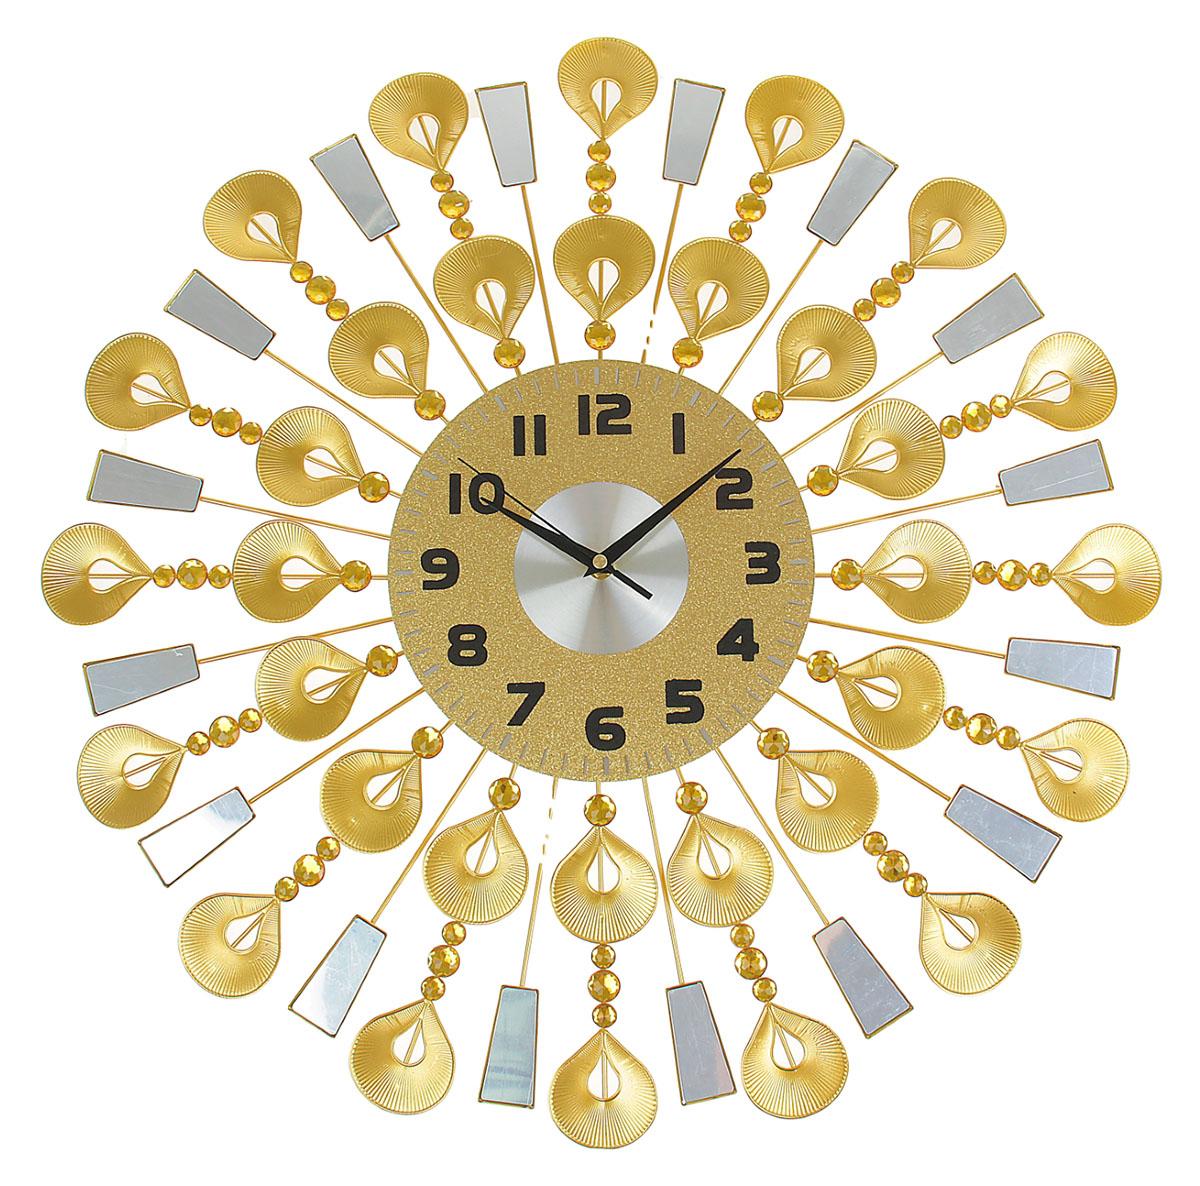 Часы настенные Ажур. Большие капельки, диаметр 60 см831286Каждому хозяину периодически приходит мысль обновить свою квартиру, сделать ремонт, перестановку или кардинально поменять внешний вид каждой комнаты. Часы настенные интерьерные Серия Ажур. Большие капли, d=60 см — привлекательная деталь, которая поможет воплотить вашу интерьерную идею, создать неповторимую атмосферу в вашем доме. Окружите себя приятными мелочами, пусть они радуют глаз и дарят гармонию.Часы настенные серия Ажур на лучиках большие капельки, d=60см 831286